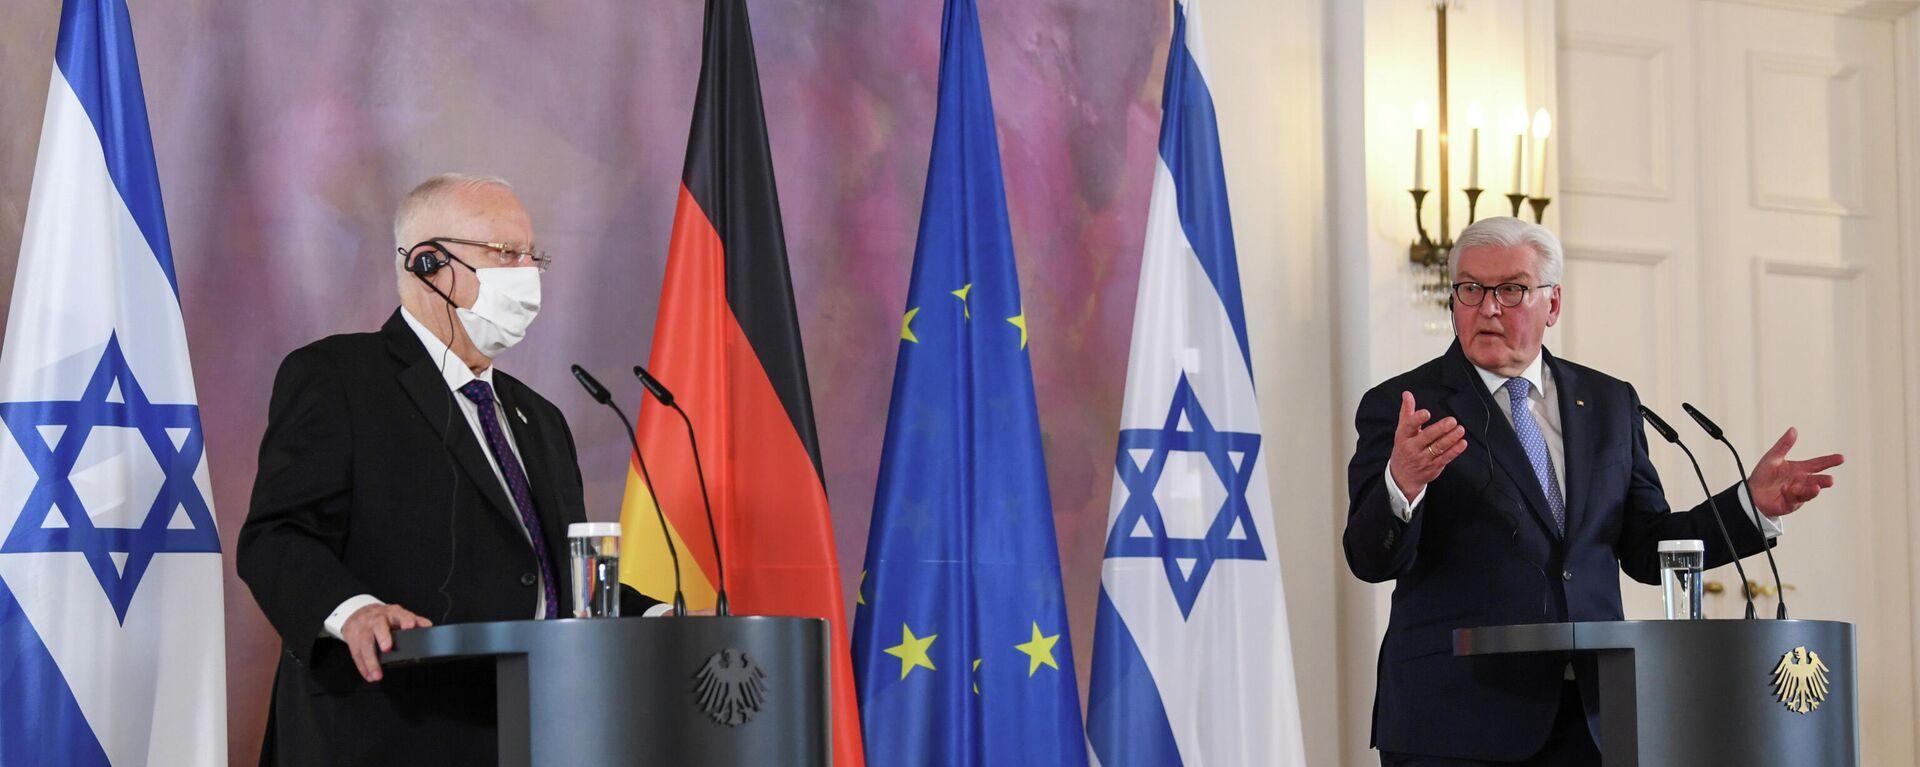 Bundespräsident Frank-Walter Steinmeier (r.) und sein israelischer Amtskollege Reuven Rivlin bei einem Briefing im Schloss Bellevue. Berlin, 16. März 2021 - SNA, 1920, 16.03.2021